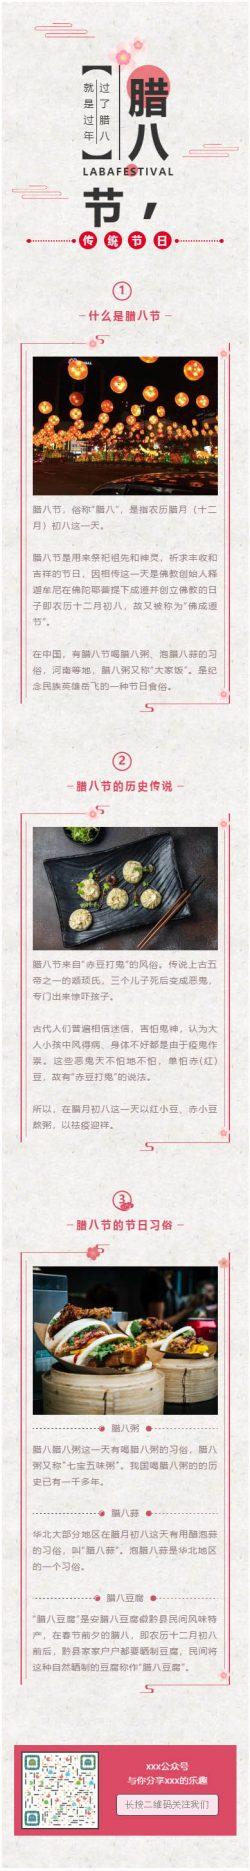 腊八节年货节美食微信公众平台推文素材公众号模板推送图文